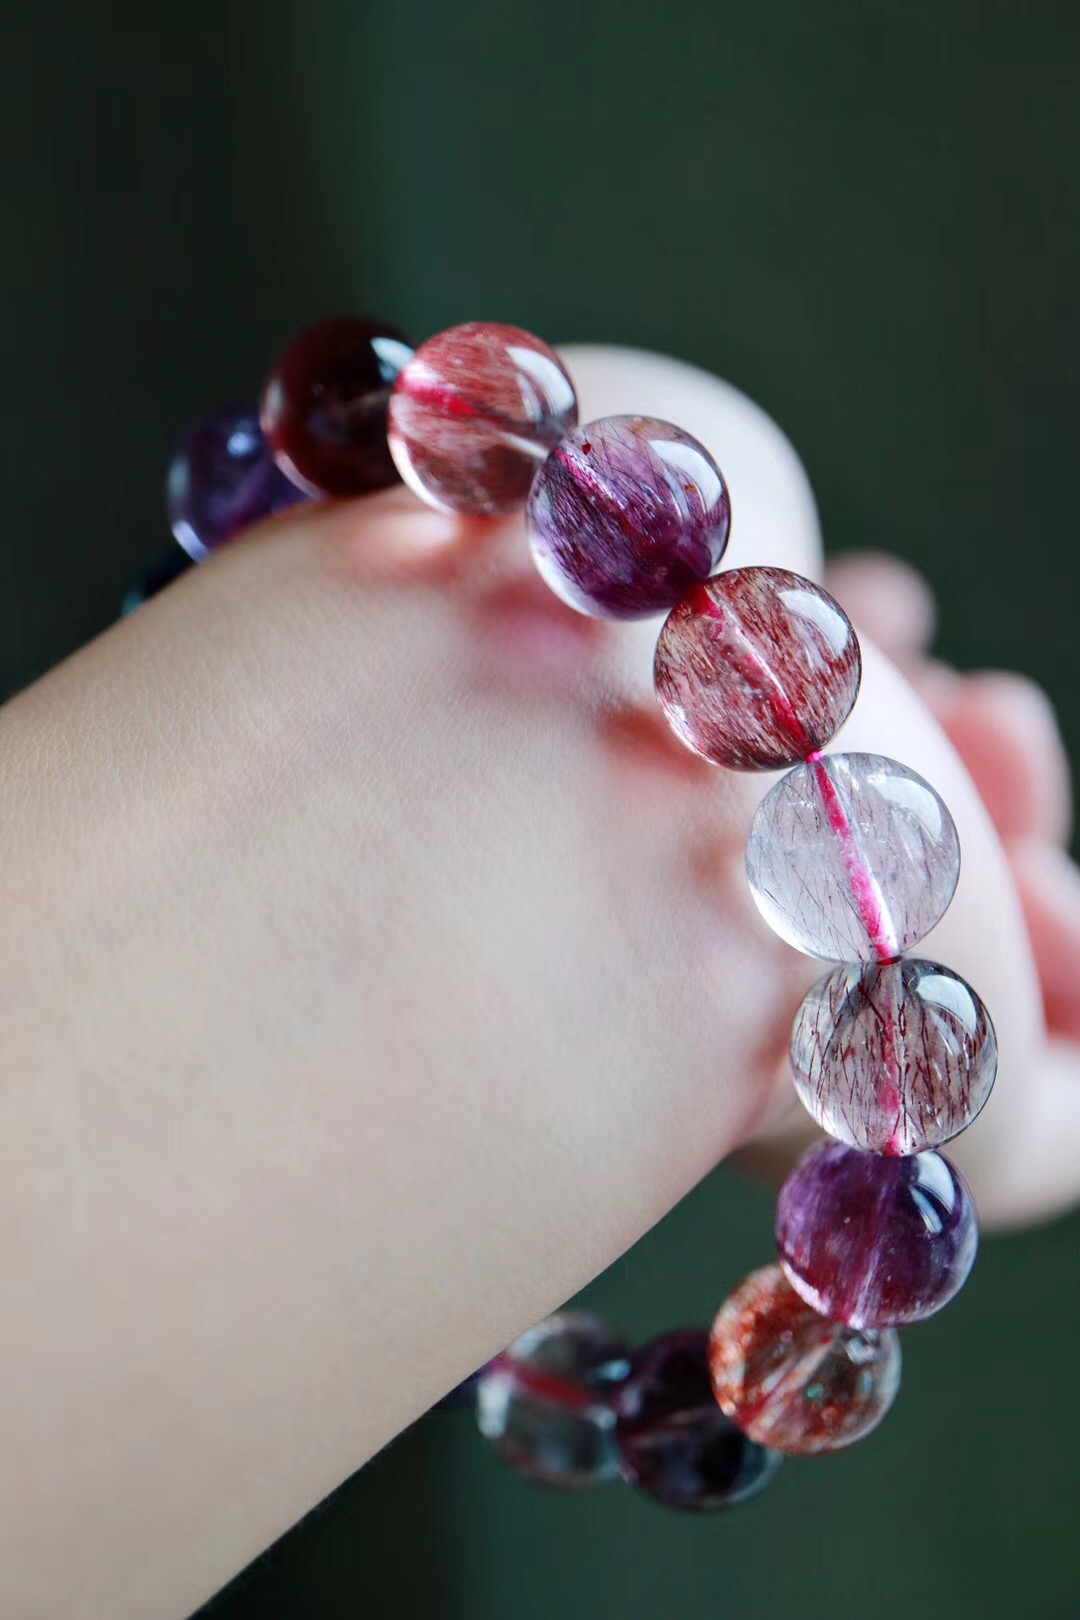 【紫发晶】纯朴清净,抚慰心灵~~-菩心晶舍